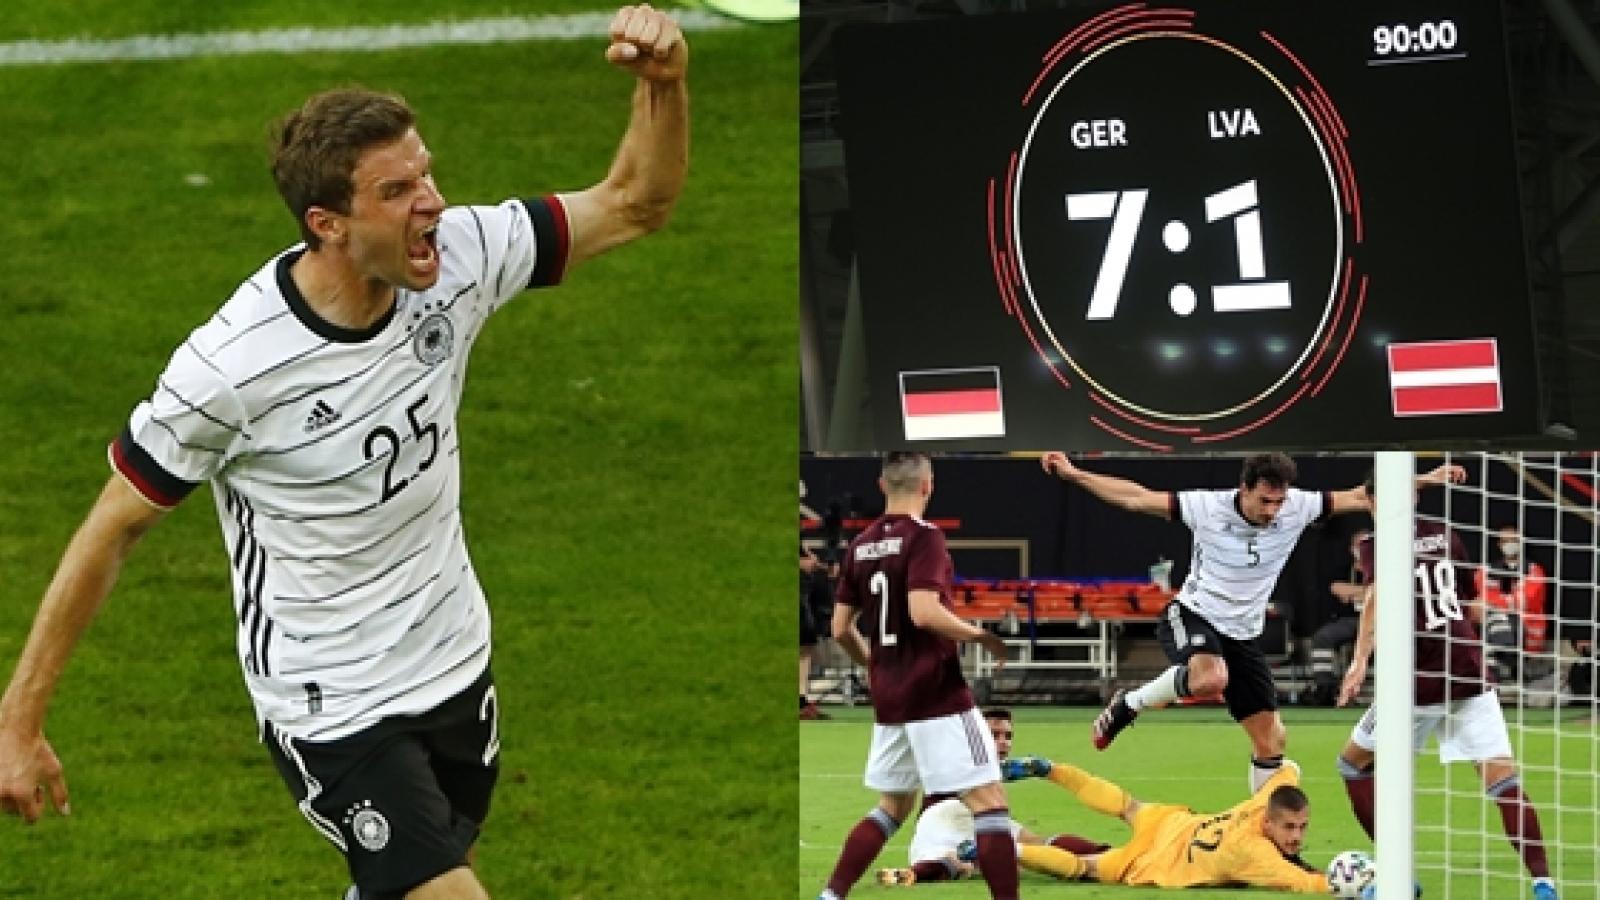 ĐT Đức chạy đà cho EURO 2021 bằng chiến thắng 7-1